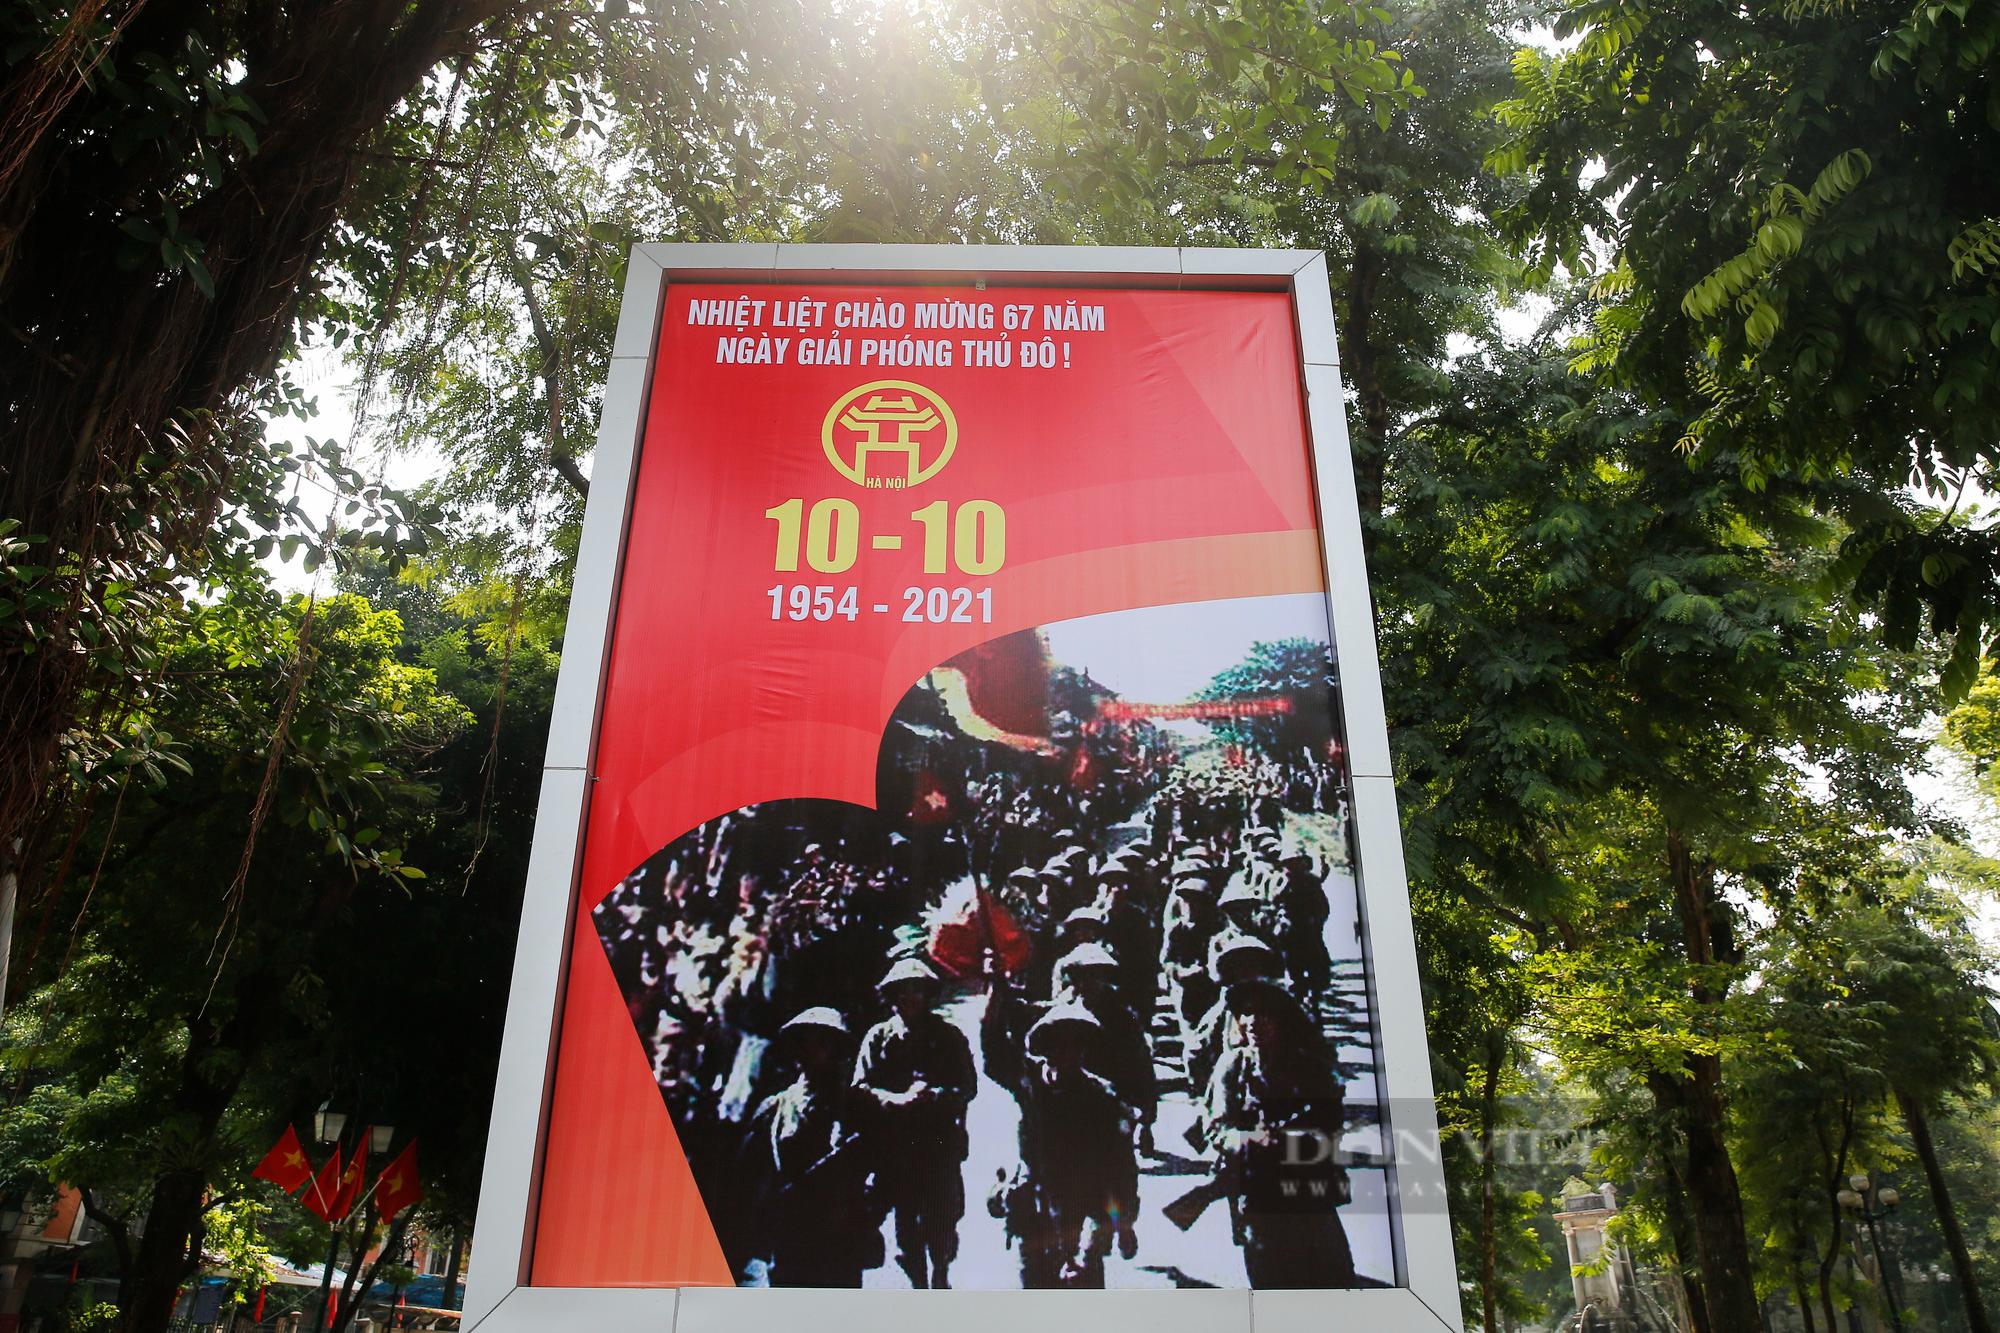 Đường phố Hà Nội rực rỡ chào mừng Ngày Giải phóng Thủ đô  - Ảnh 6.